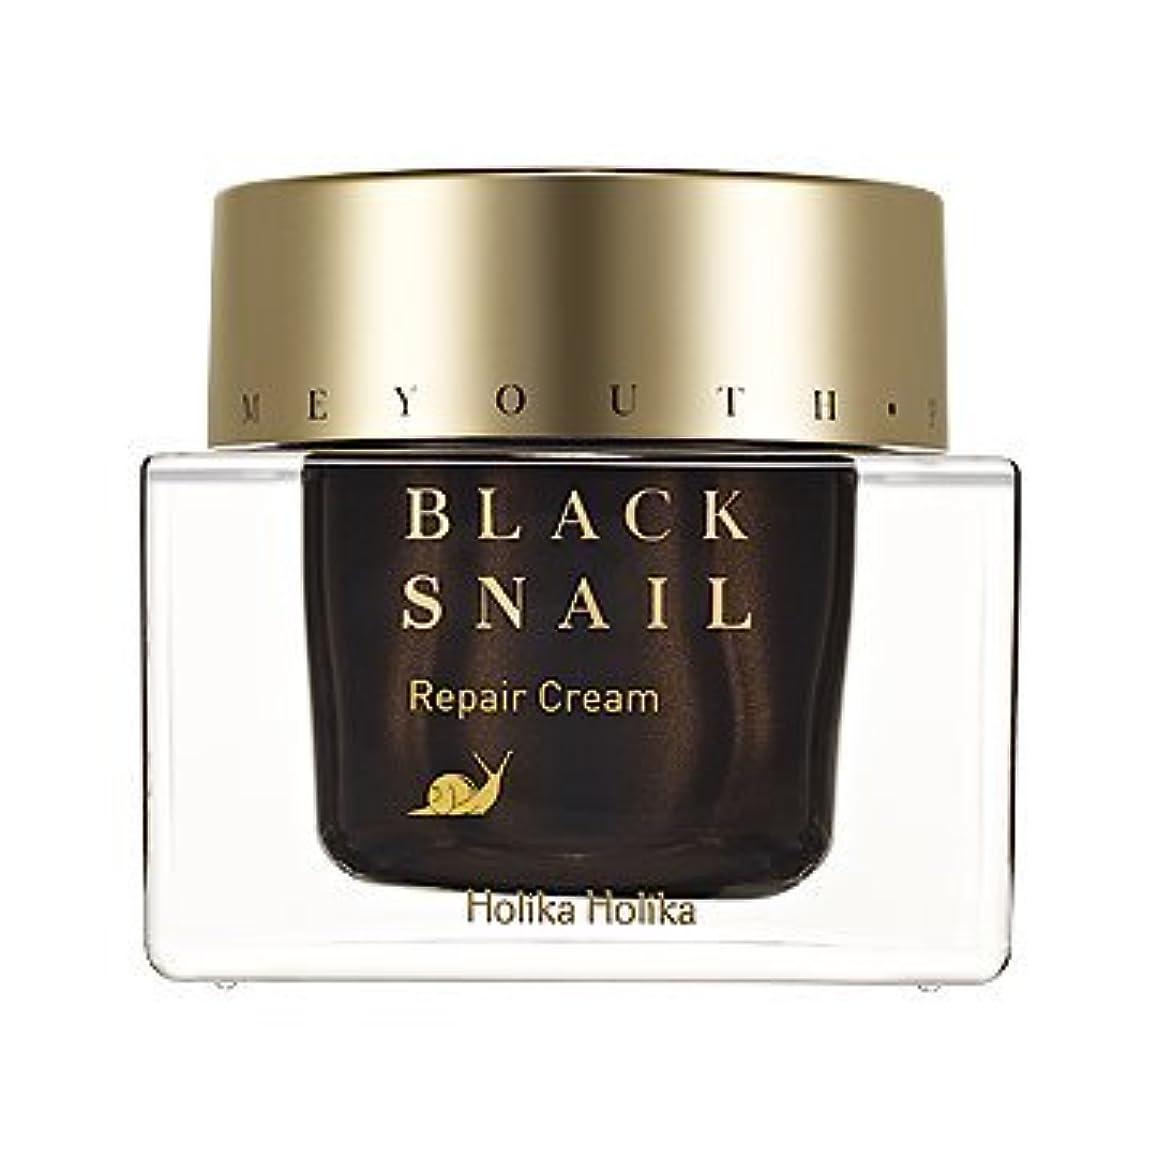 早熟懐むしゃむしゃHolikaHolika(ホリカホリカ) Prime Youth Black Snail Repair Cream プライムユースブラックスネイルクリーム カタツムリ エスカルゴ [並行輸入品]